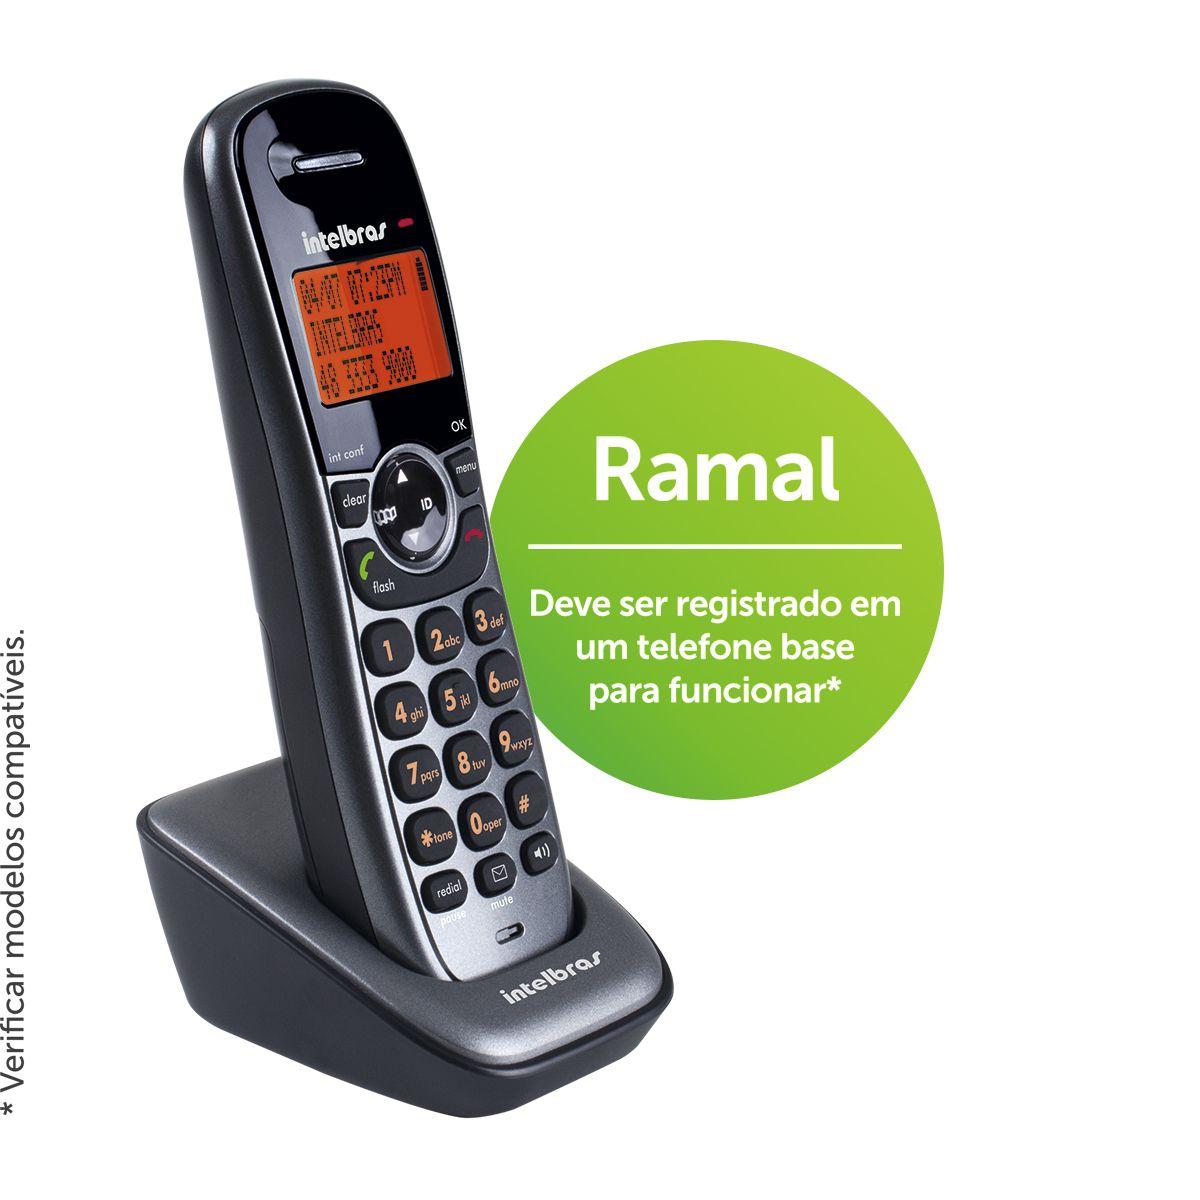 Ramal sem fio TS 6121 - Hope Tech Telecomunicações